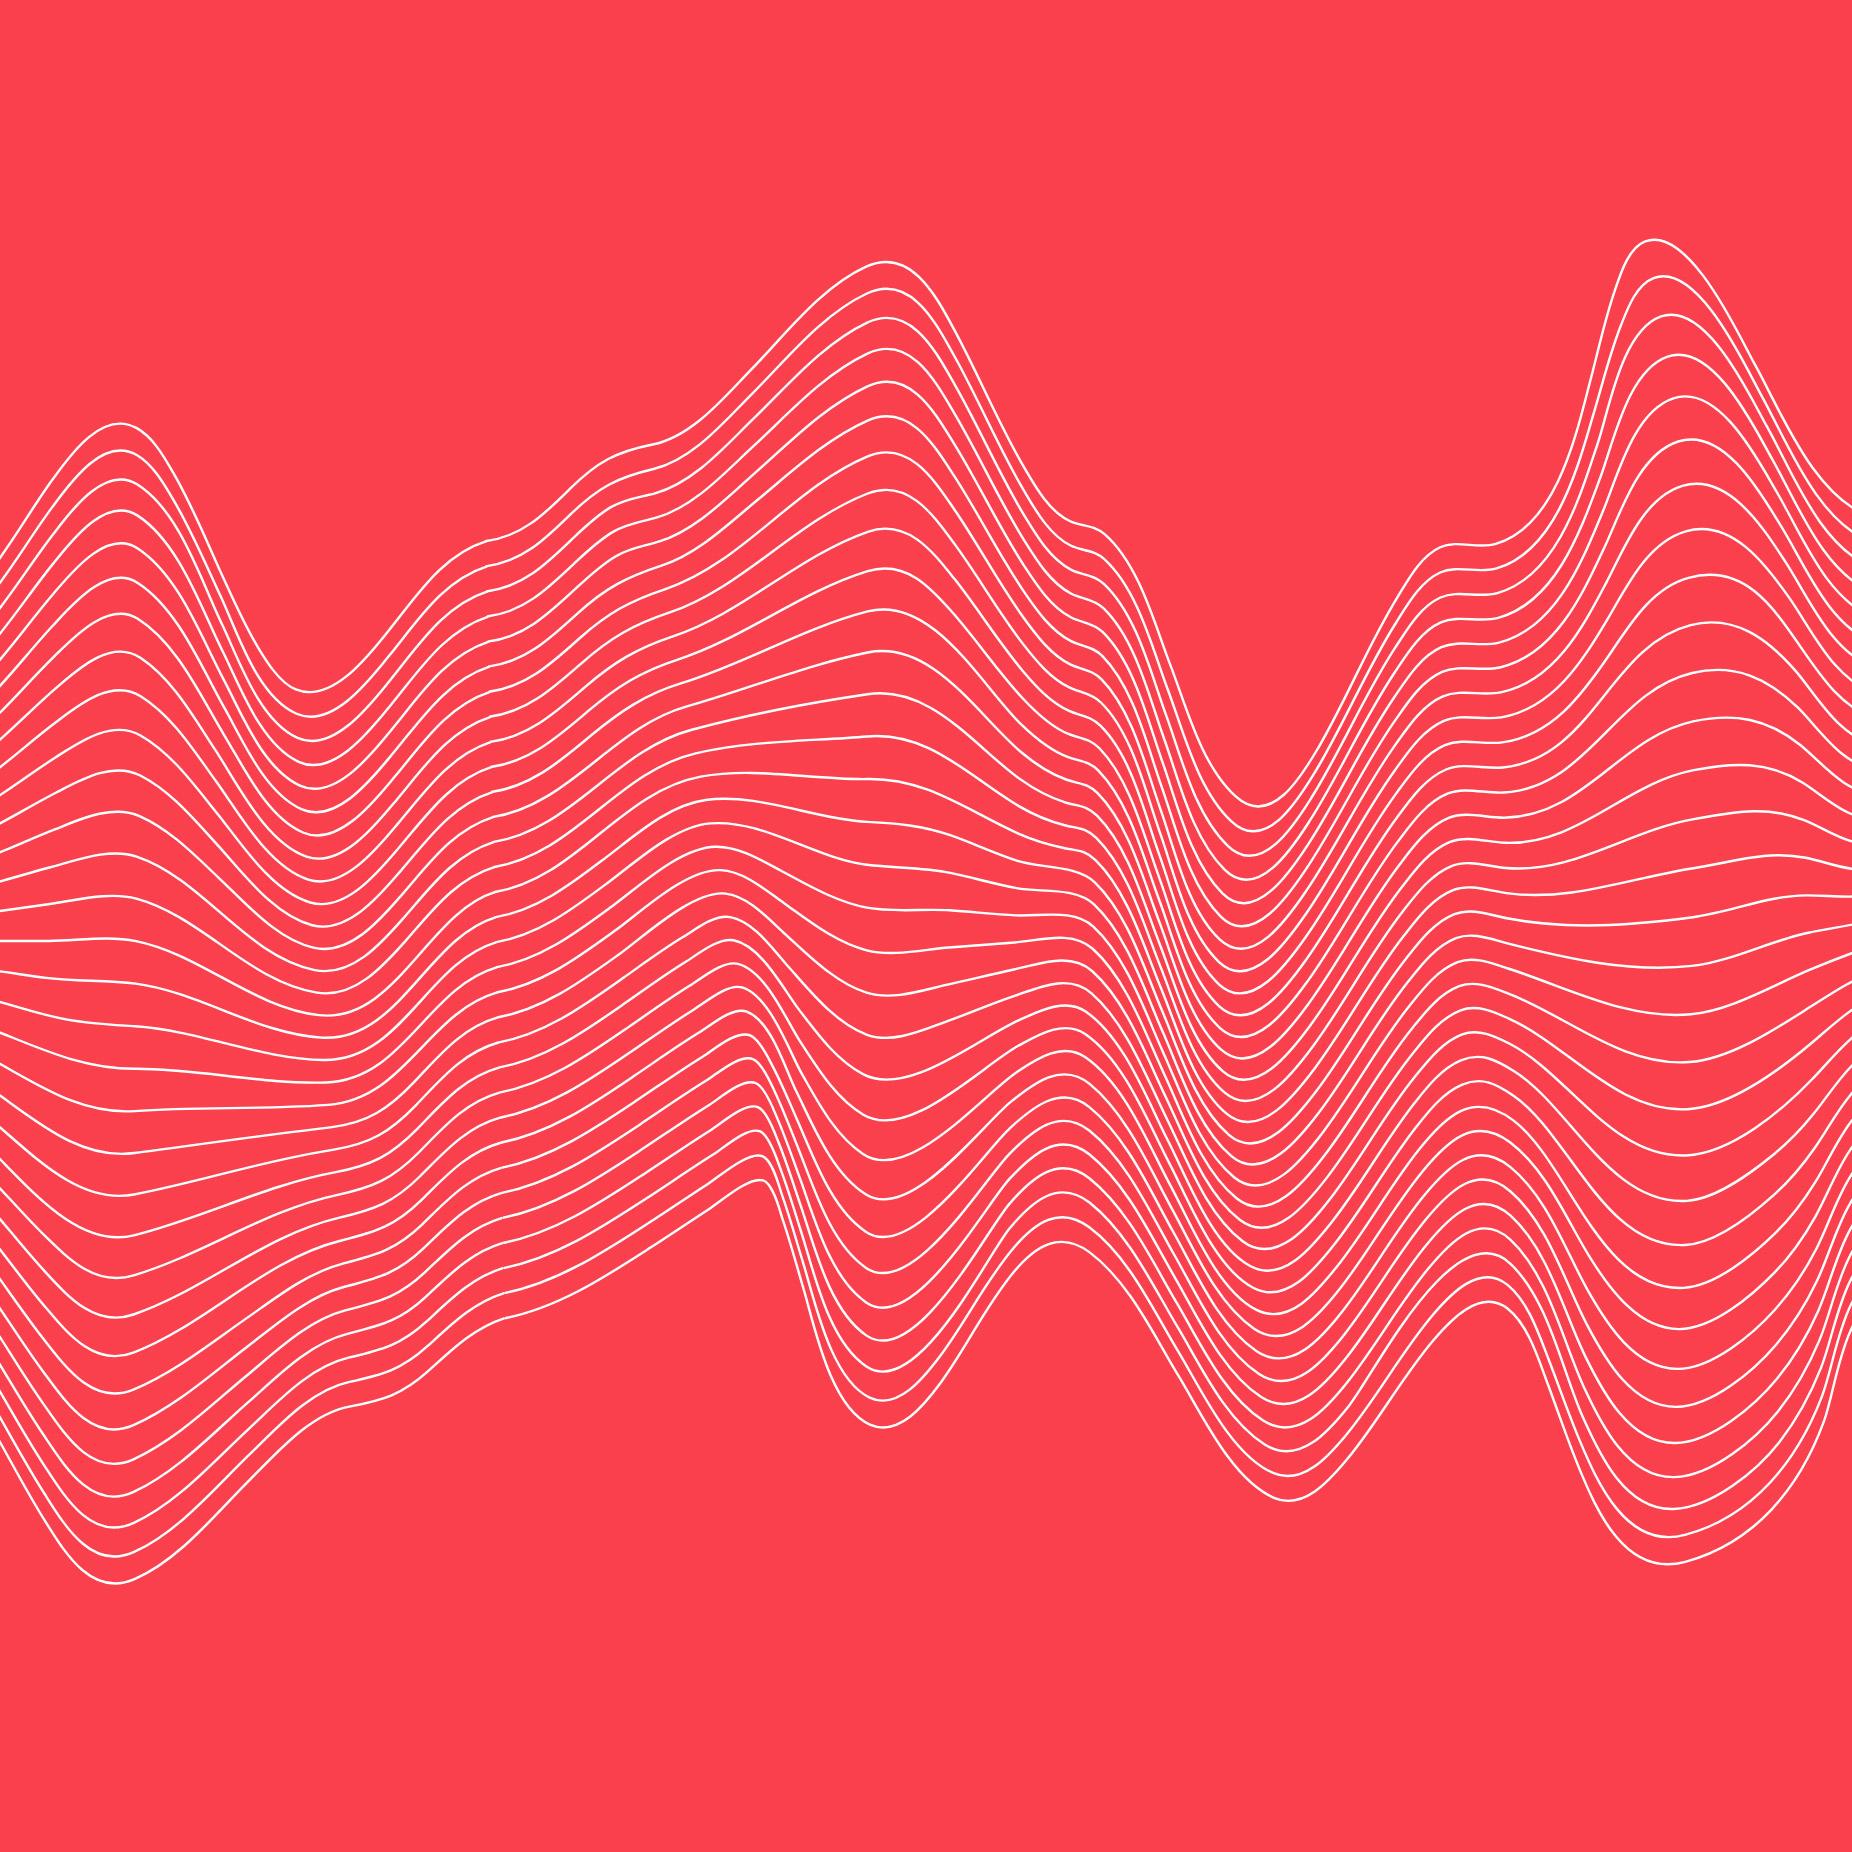 Ljudvåg